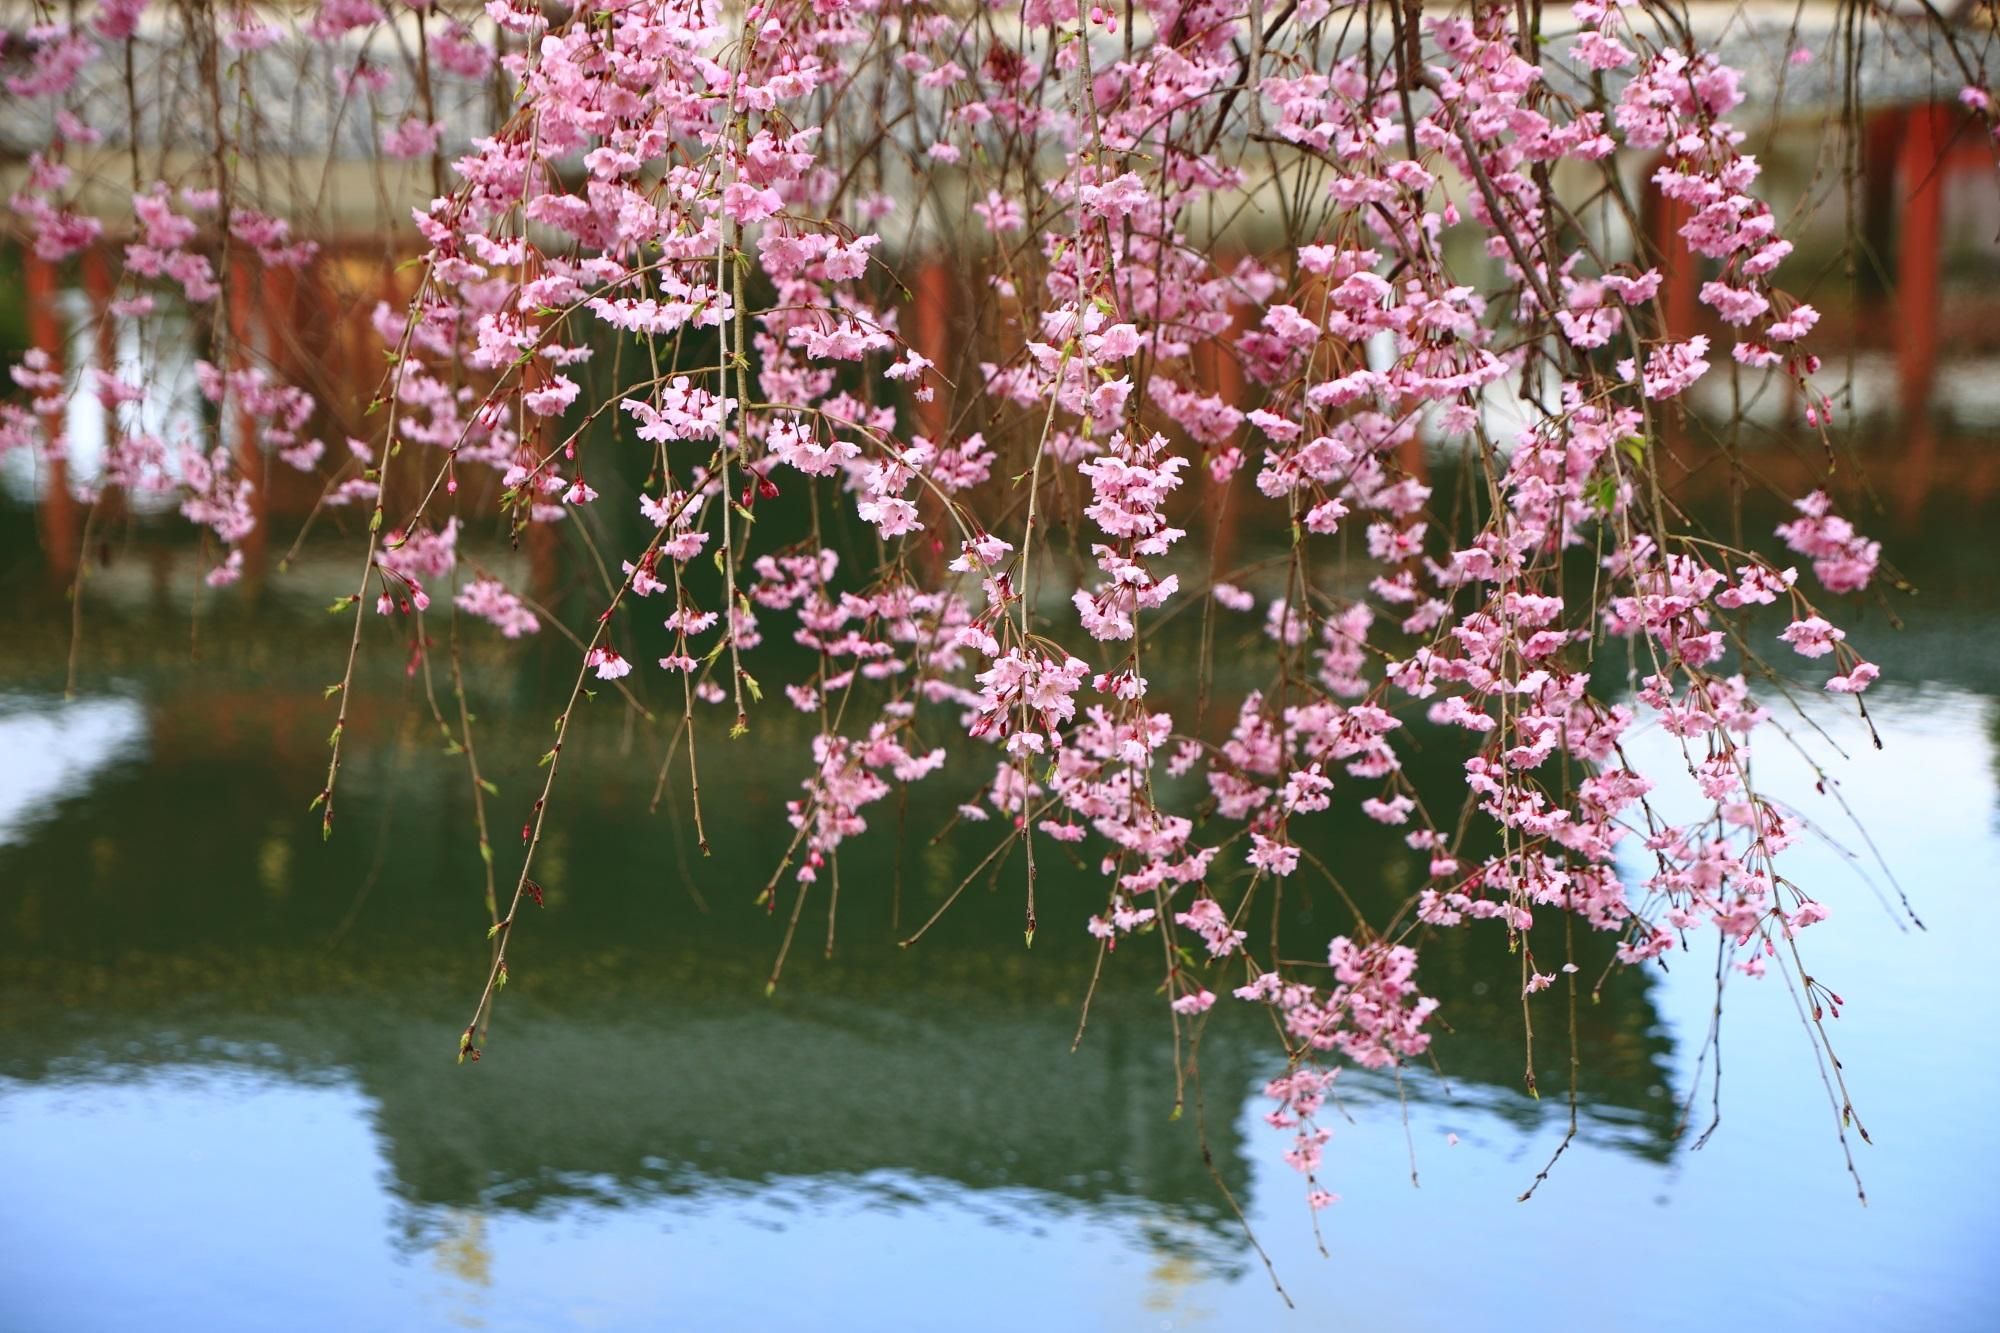 優雅になびくしだれ桜と池に映った鳳凰堂